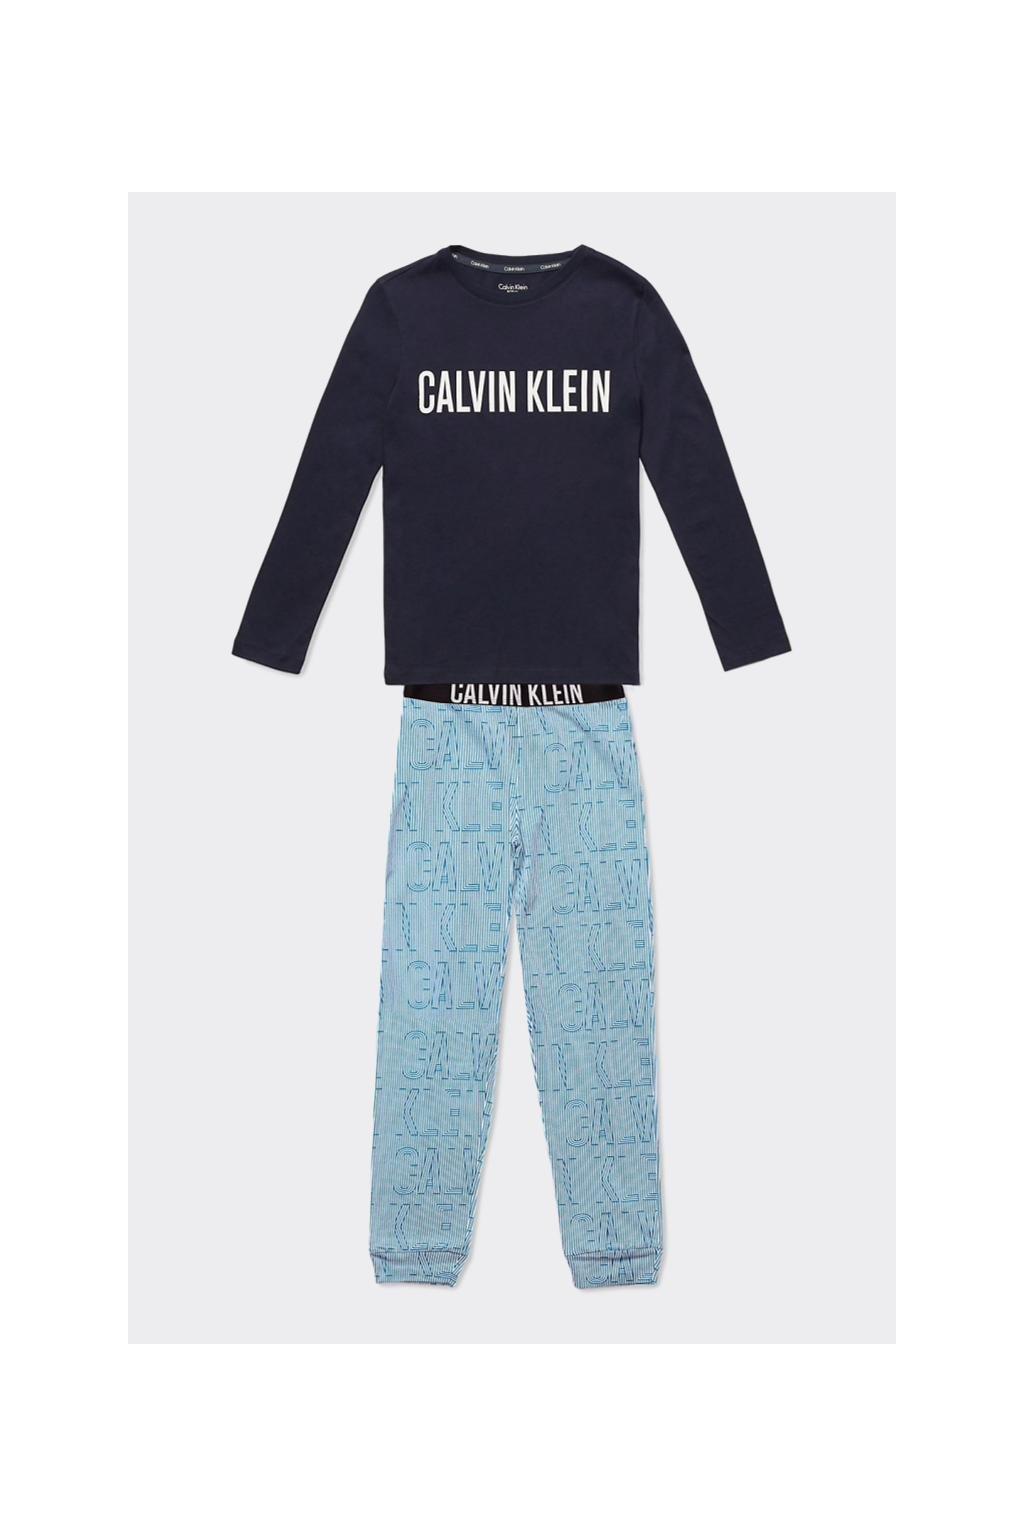 PRO DĚTI! Calvin Klein pyžamo BOYS- modré